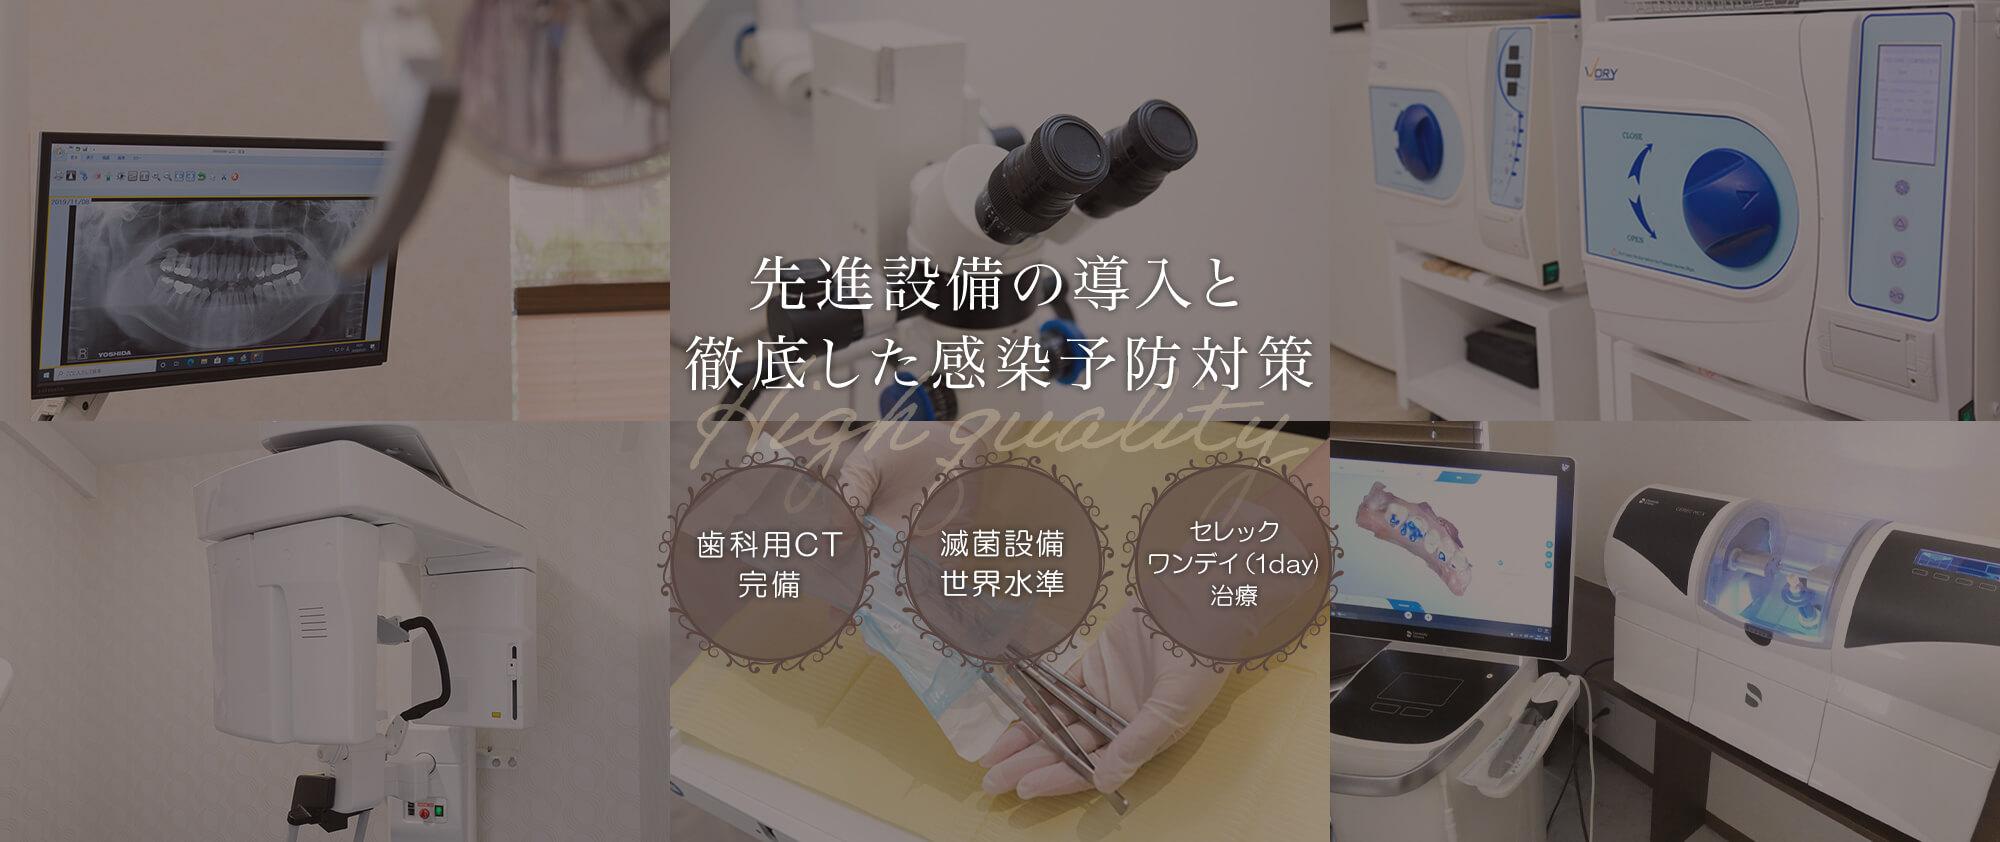 先進設備の導入と徹底した感染予防対策